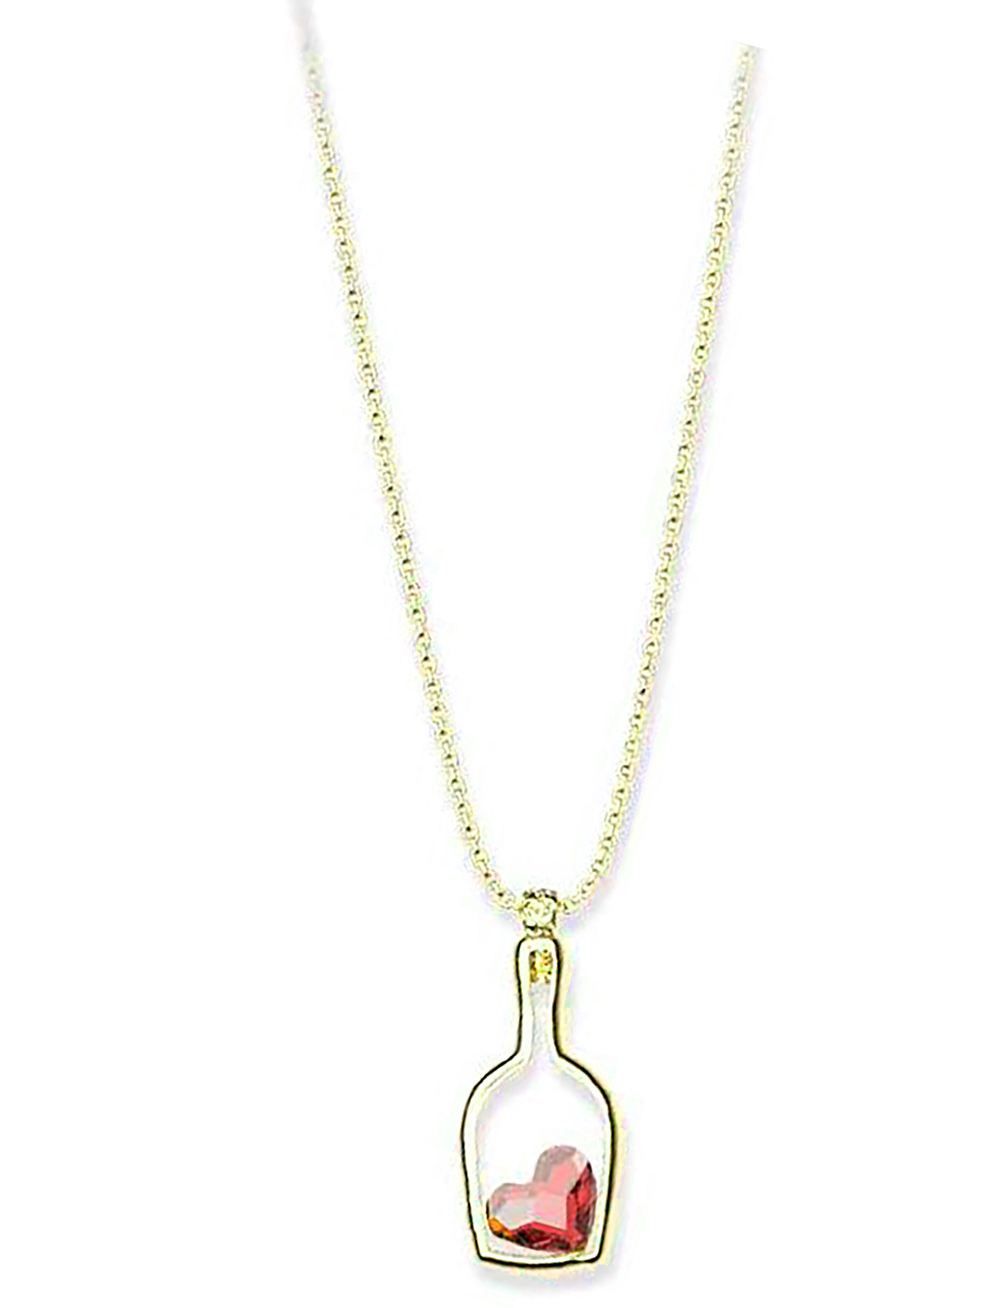 Κολιέ συλλογή Love καρδιά στο μπουκάλι από επιχρυσωμένο ασήμι με πέτρα  swarovski 8a47d55476e